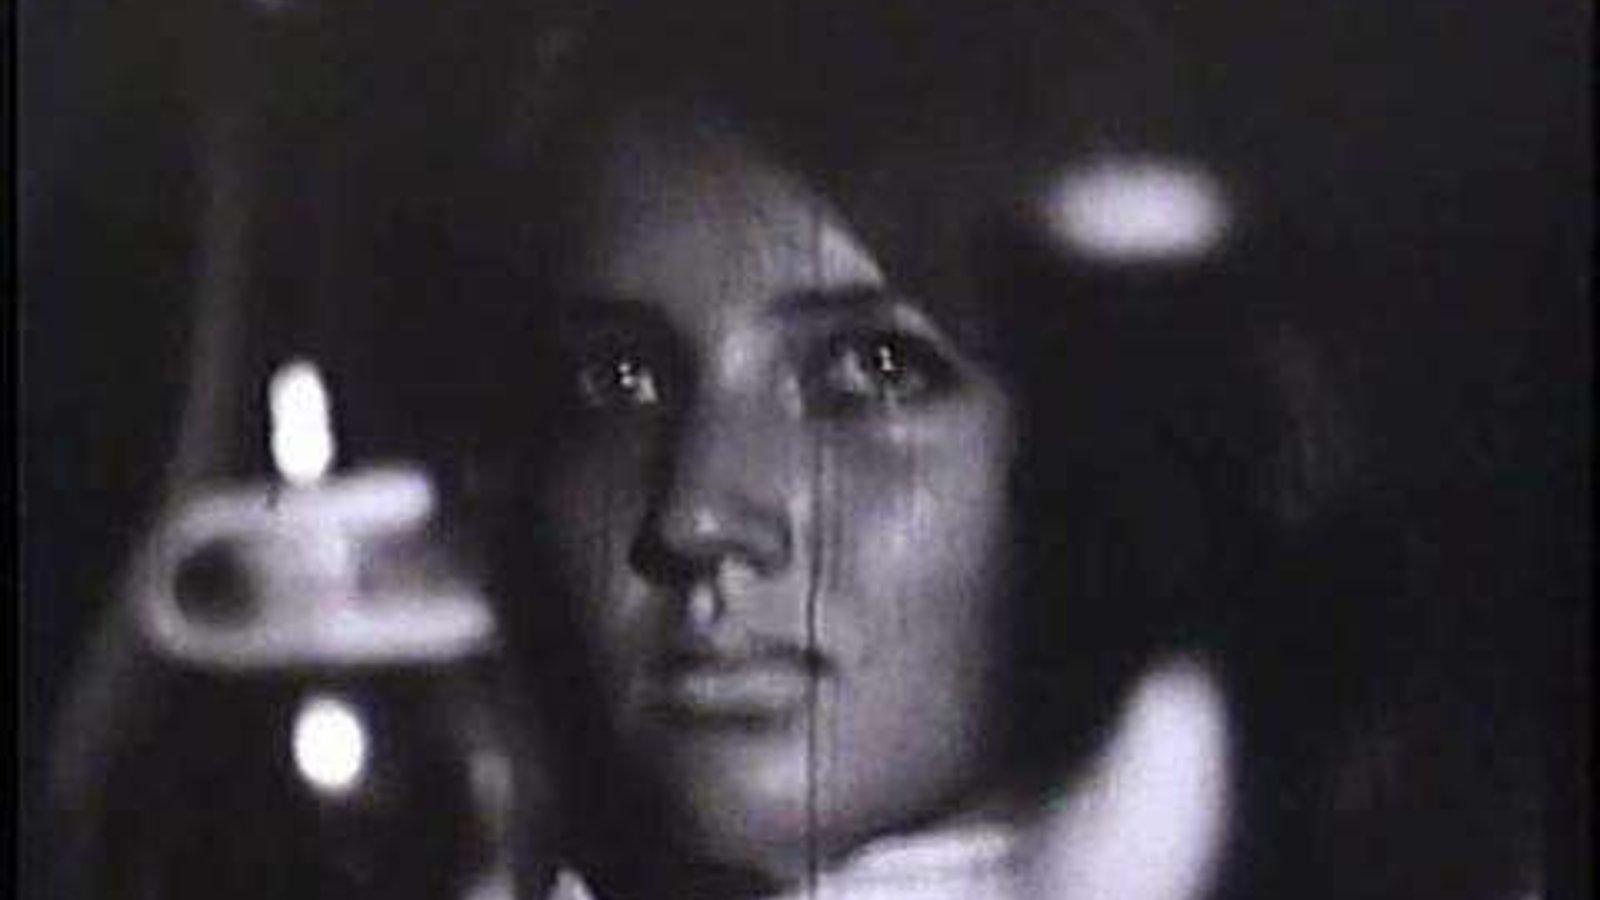 Etienne O'Leary - Films 1966-1968